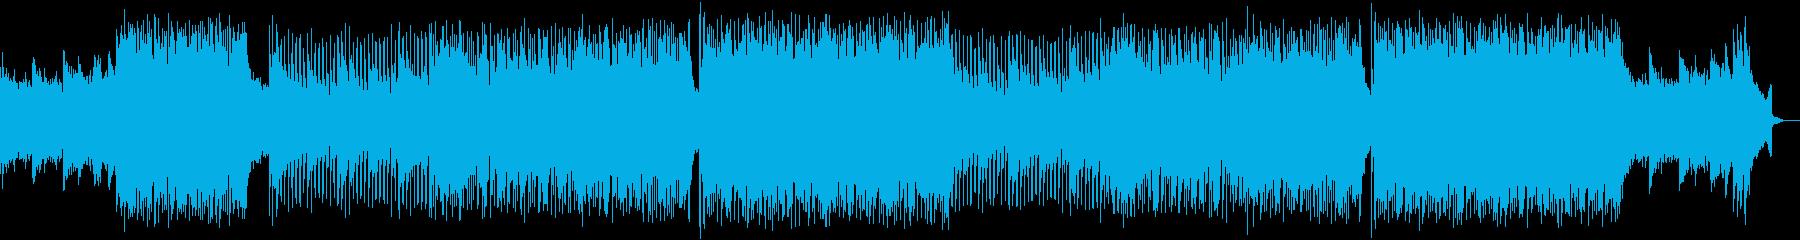 フルート・OP・ED・テーマソング・元気の再生済みの波形